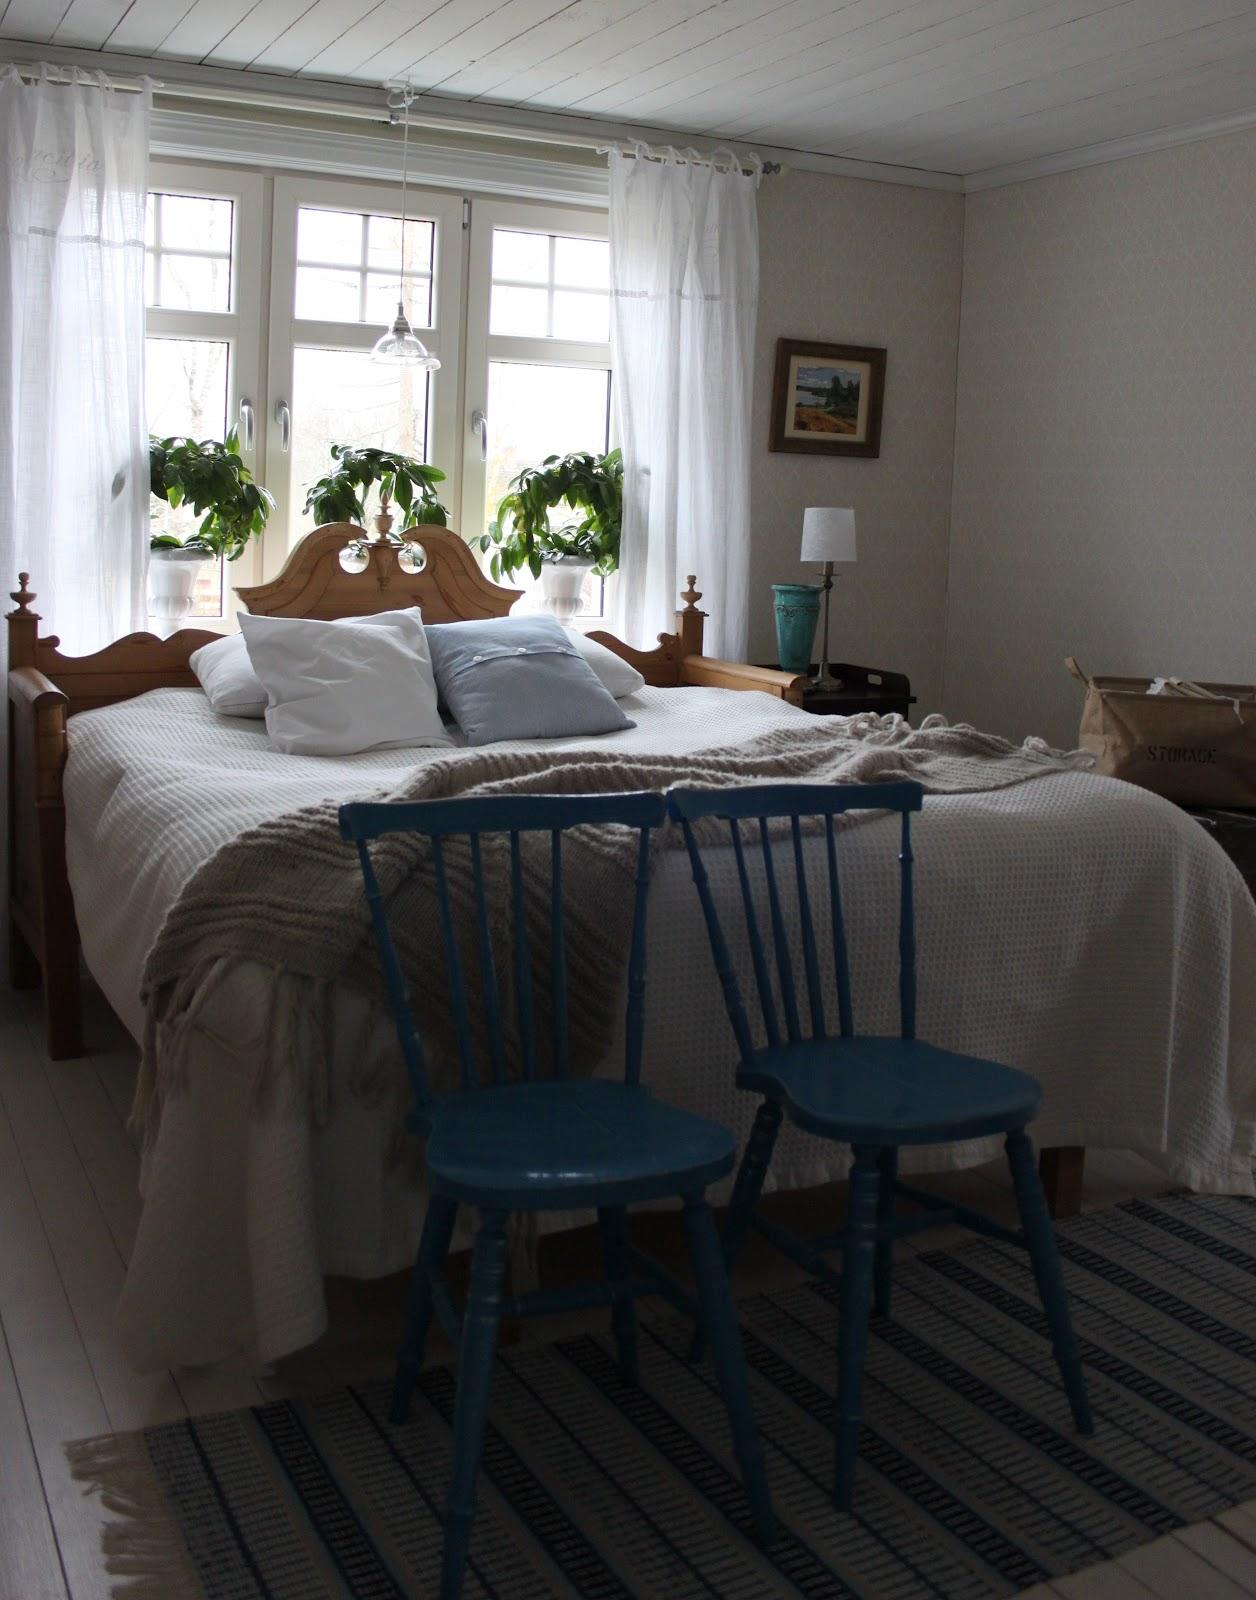 Add: design / anna stenberg / lantligt på svanängen: sovrum